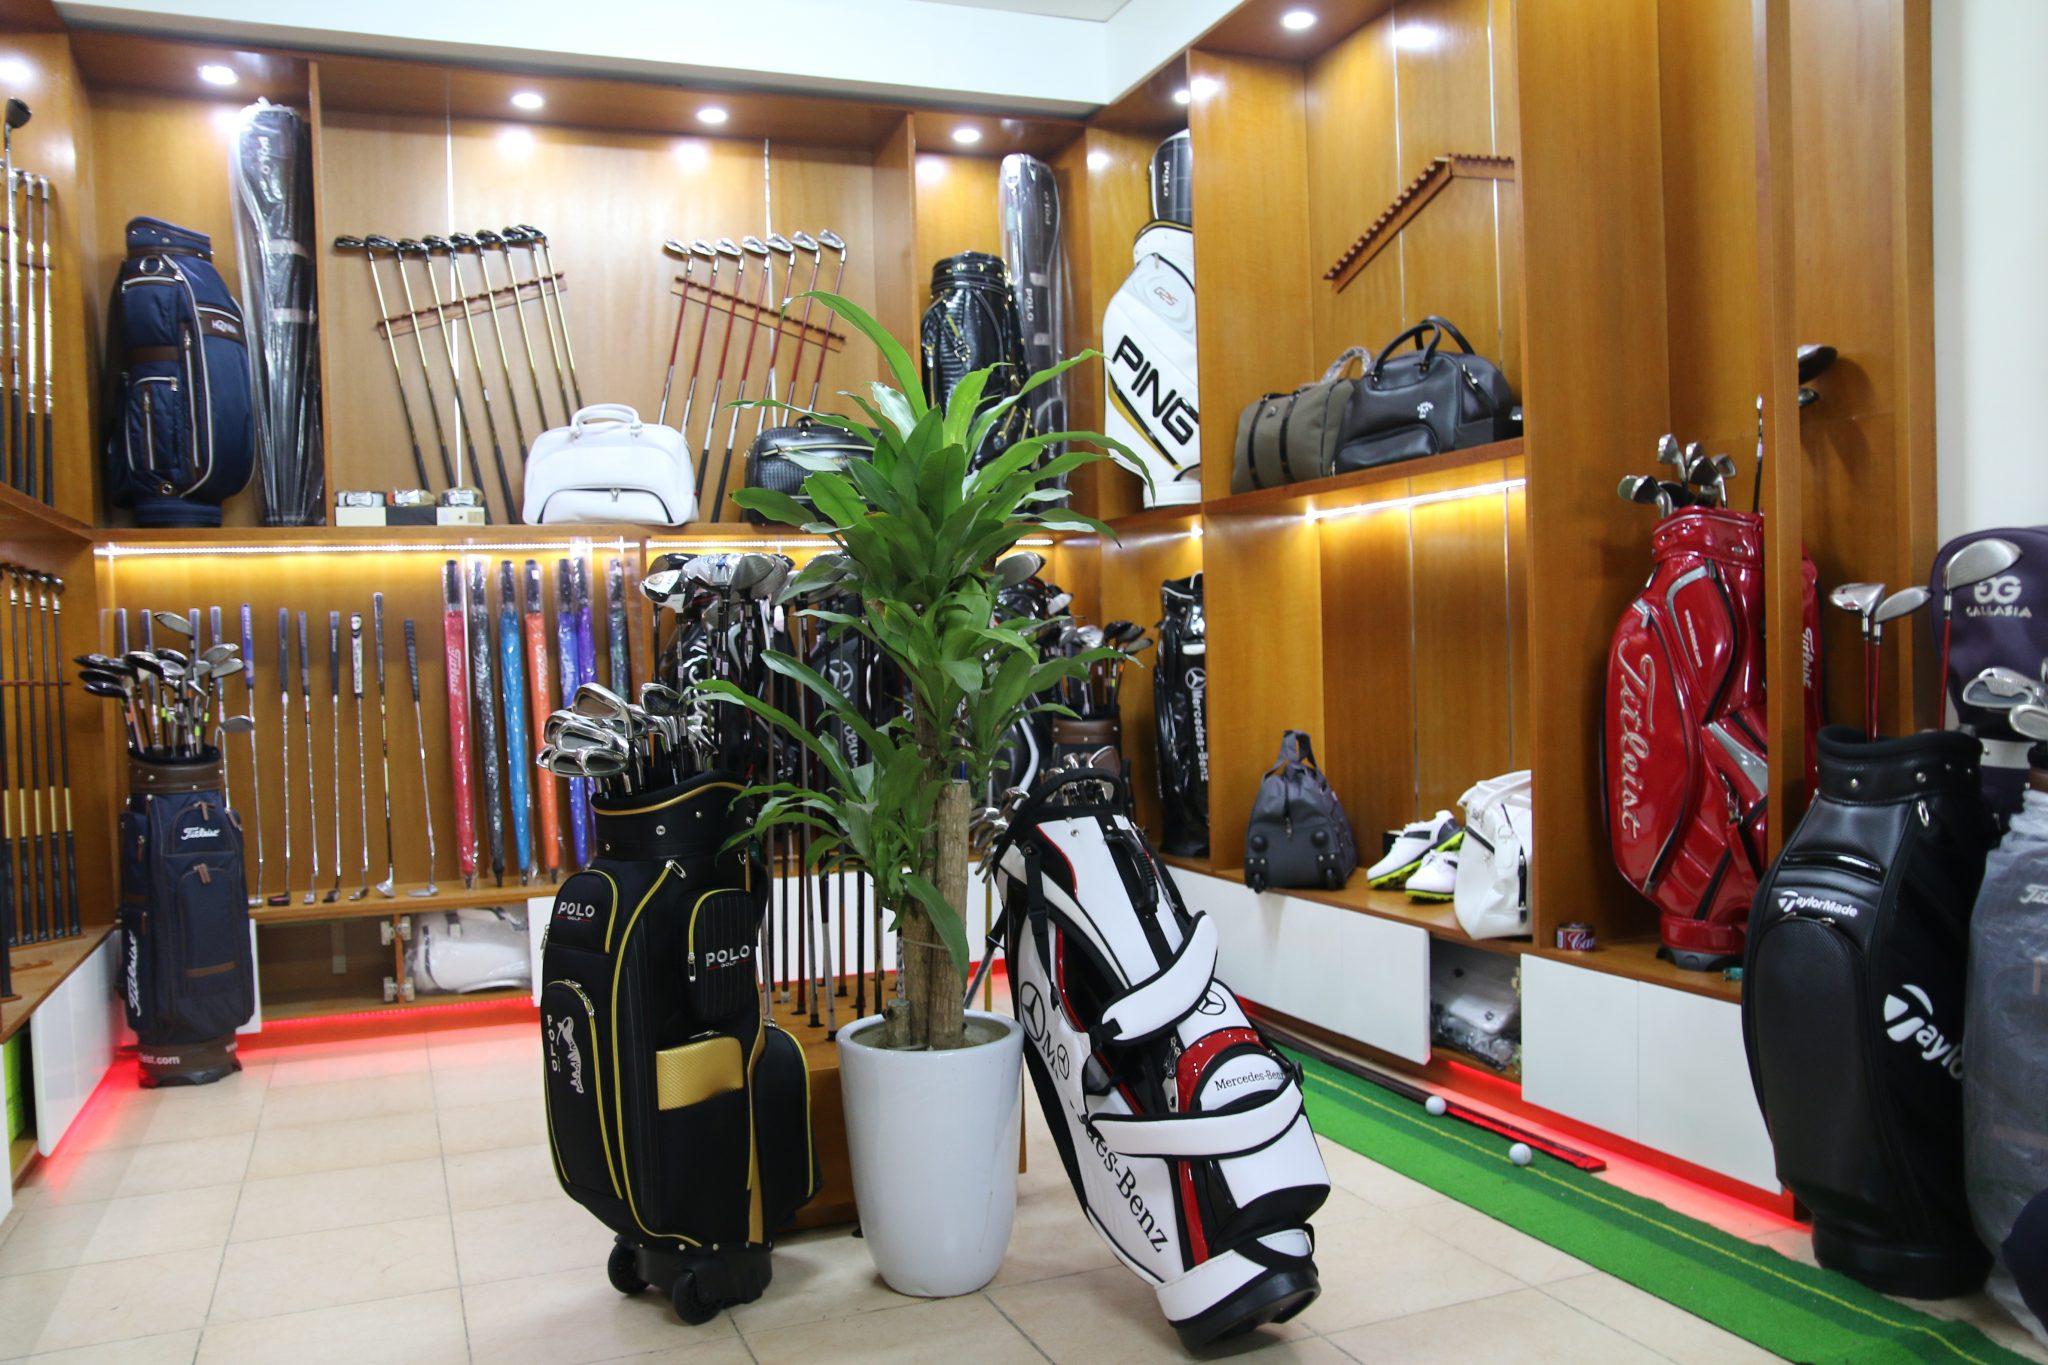 Thu Mua gậy golf cũ tại cửa hàng Thế Giới Gậy Cũ TP HCM